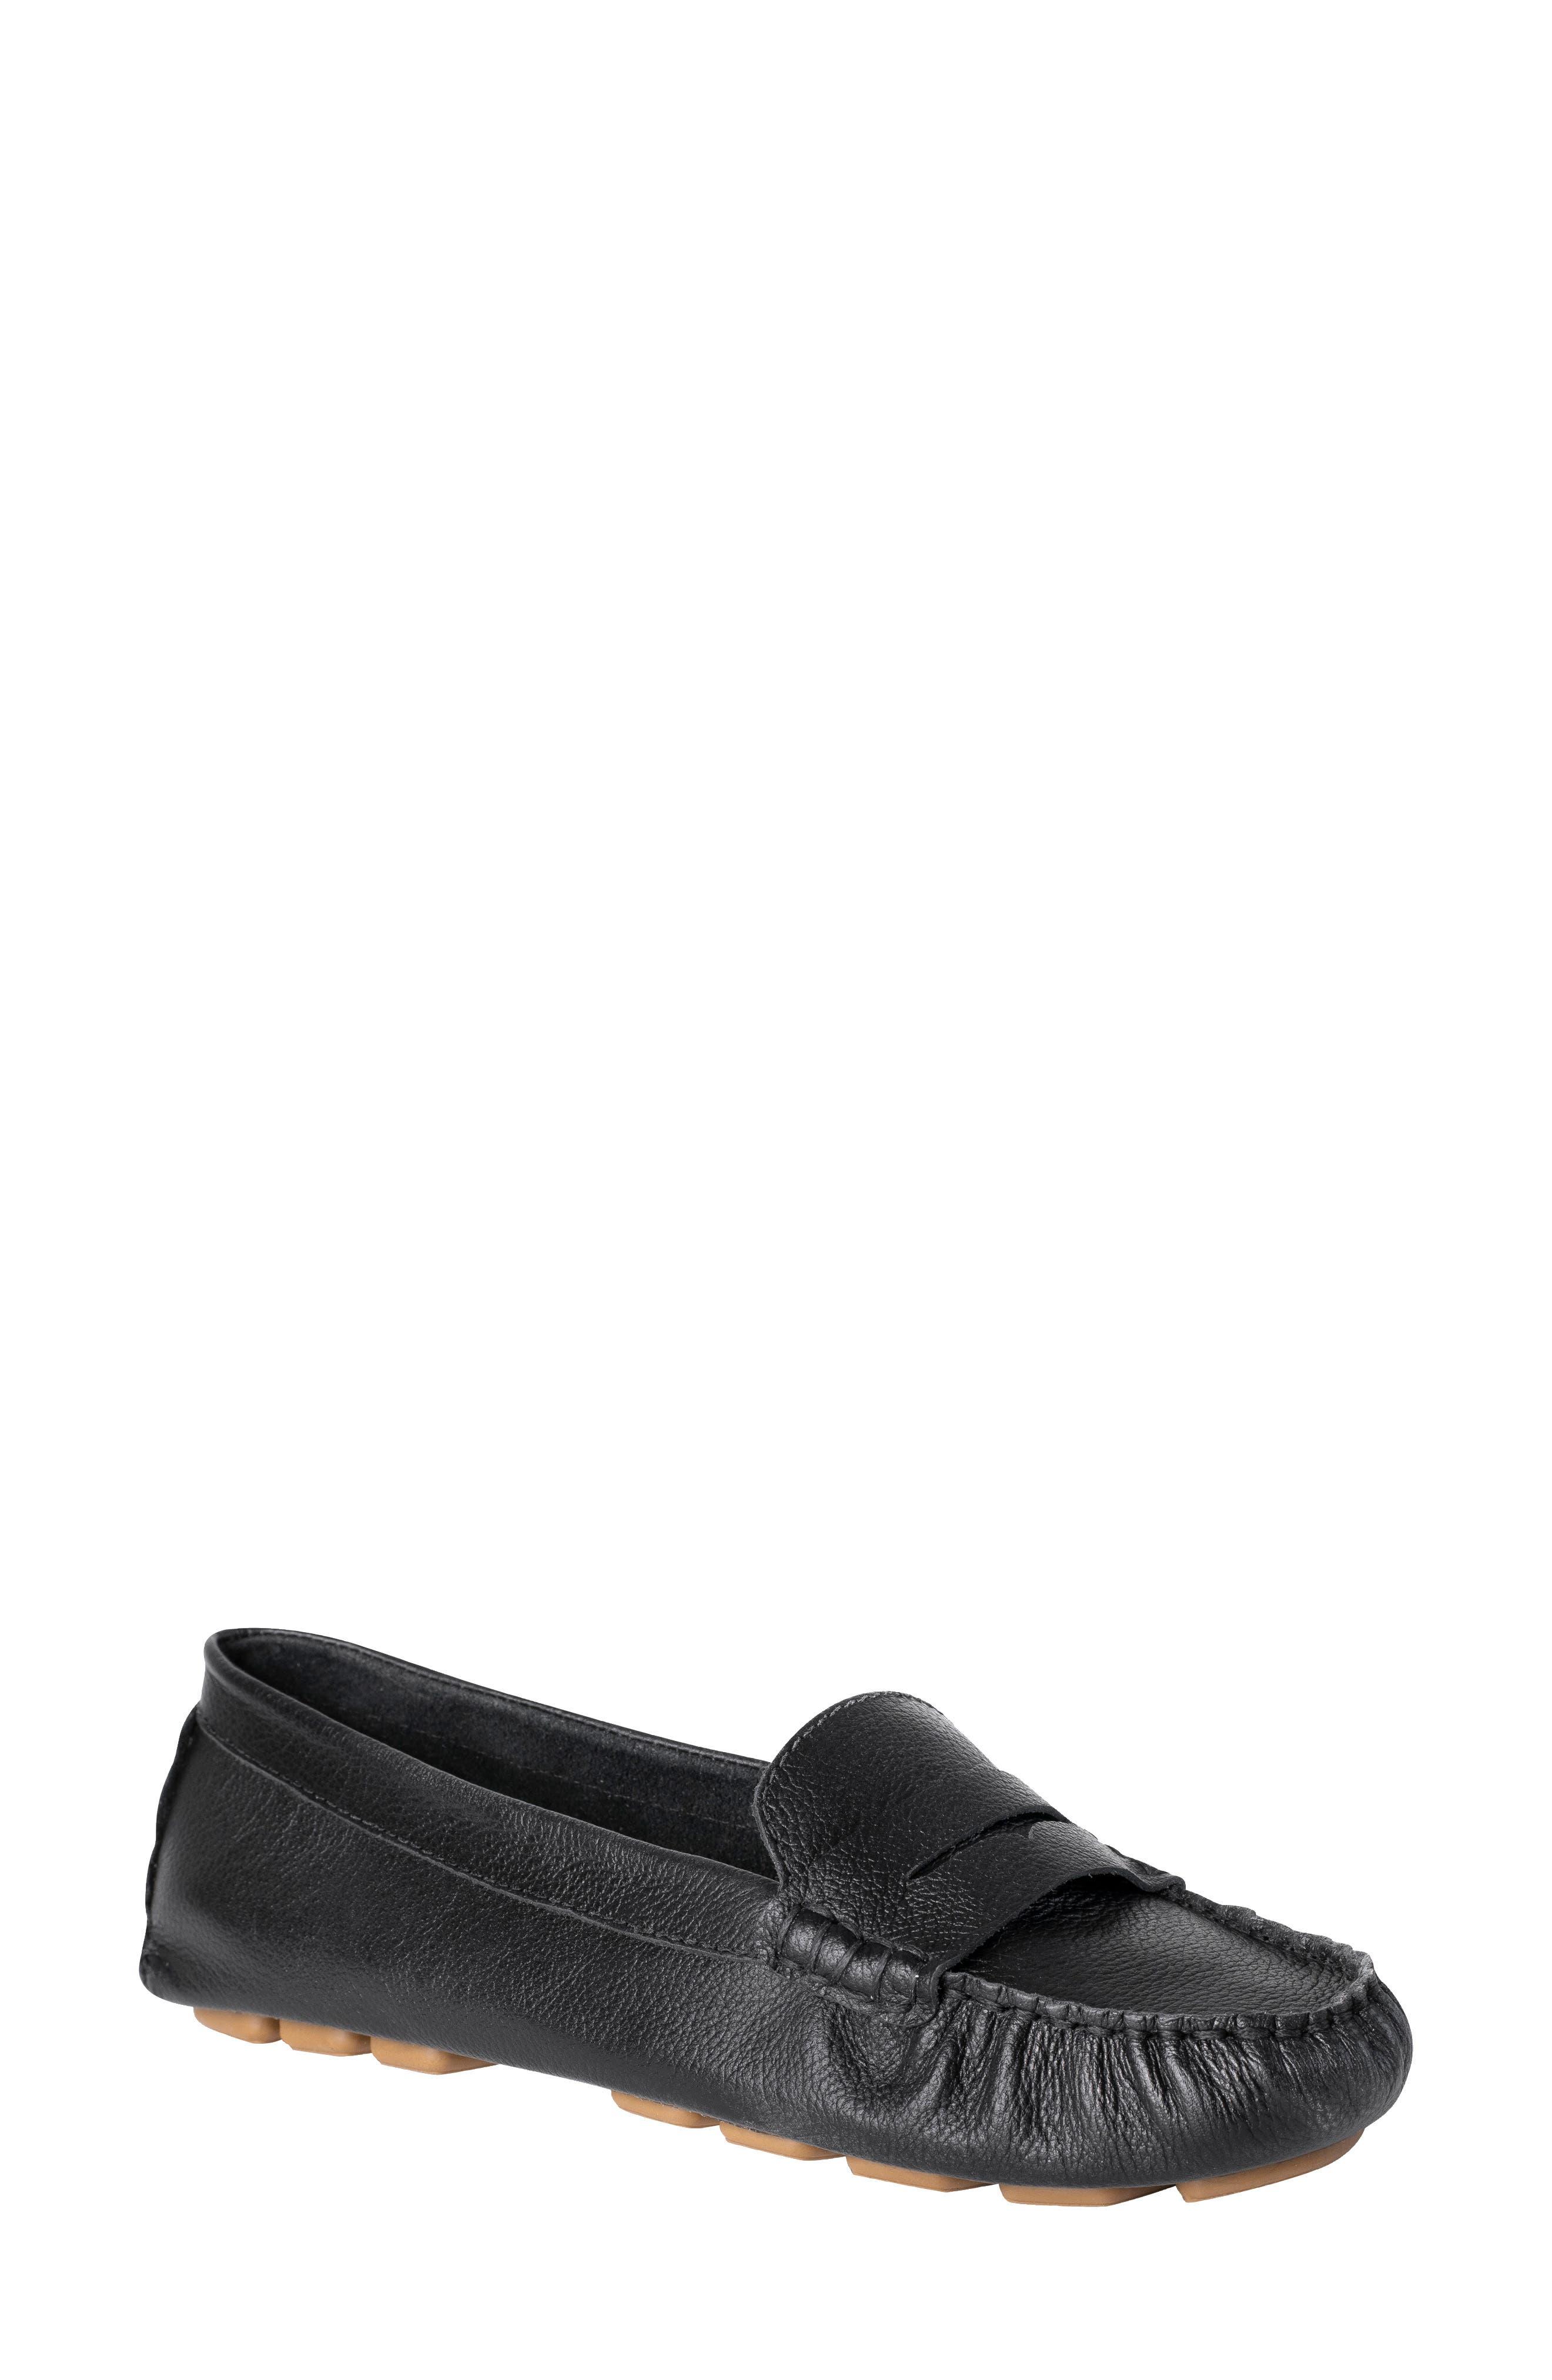 Ukies Driving Moccasin Loafer Black